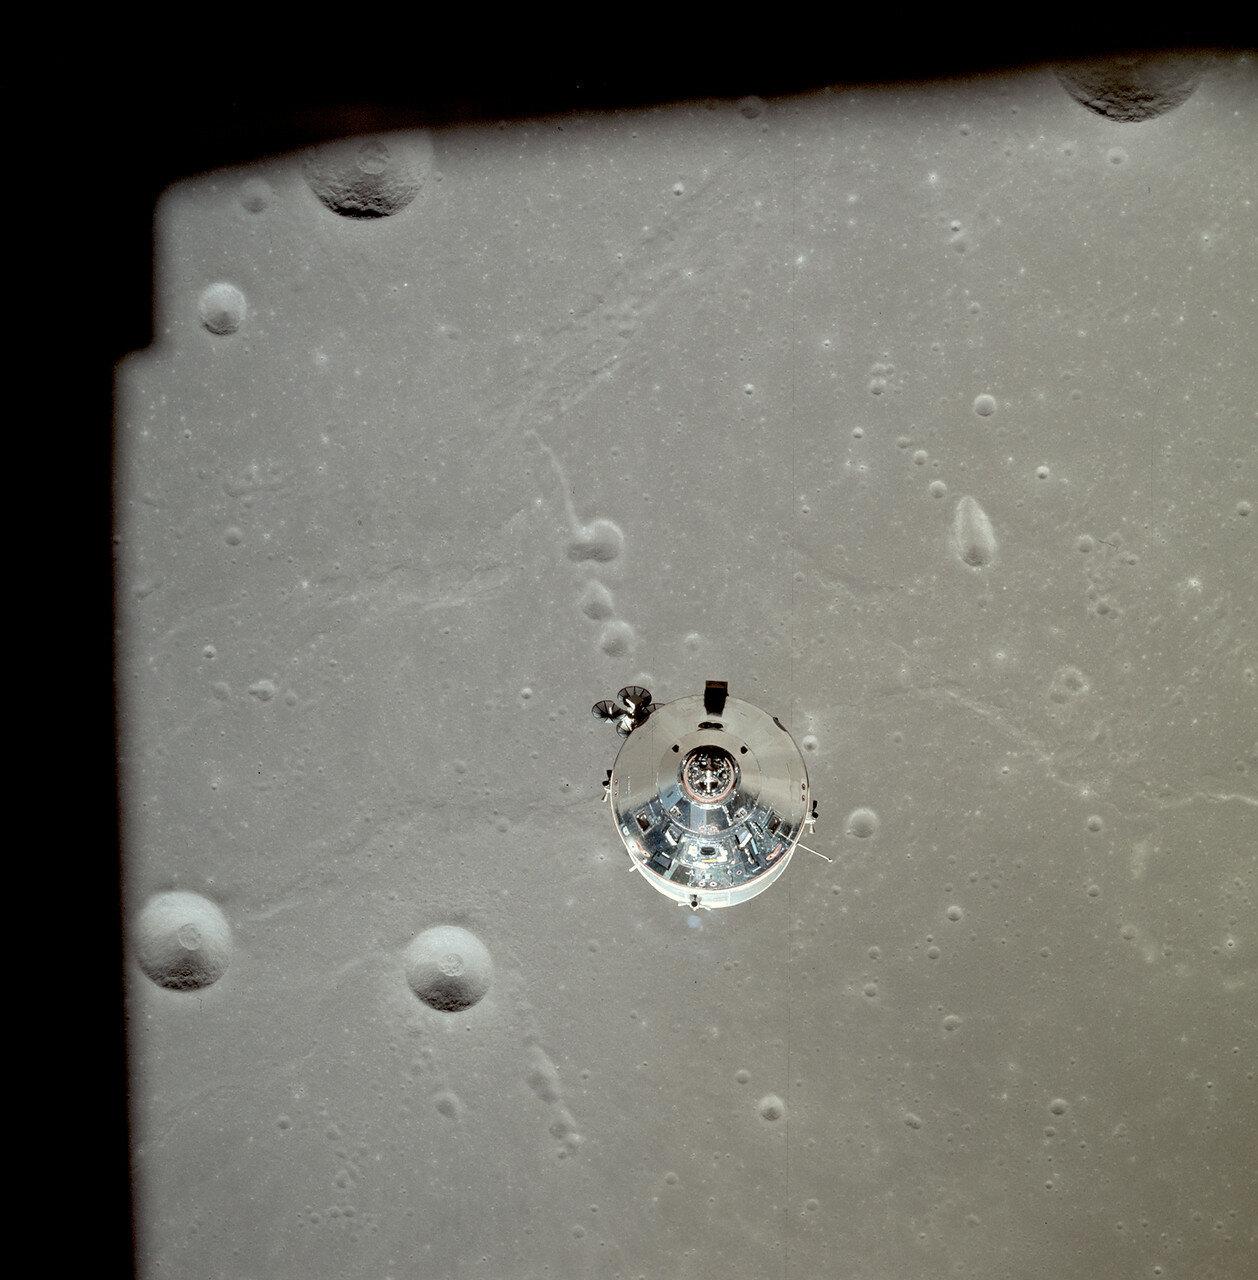 Командный модуль на лунной орбите с Майклом Коллинзом на борту